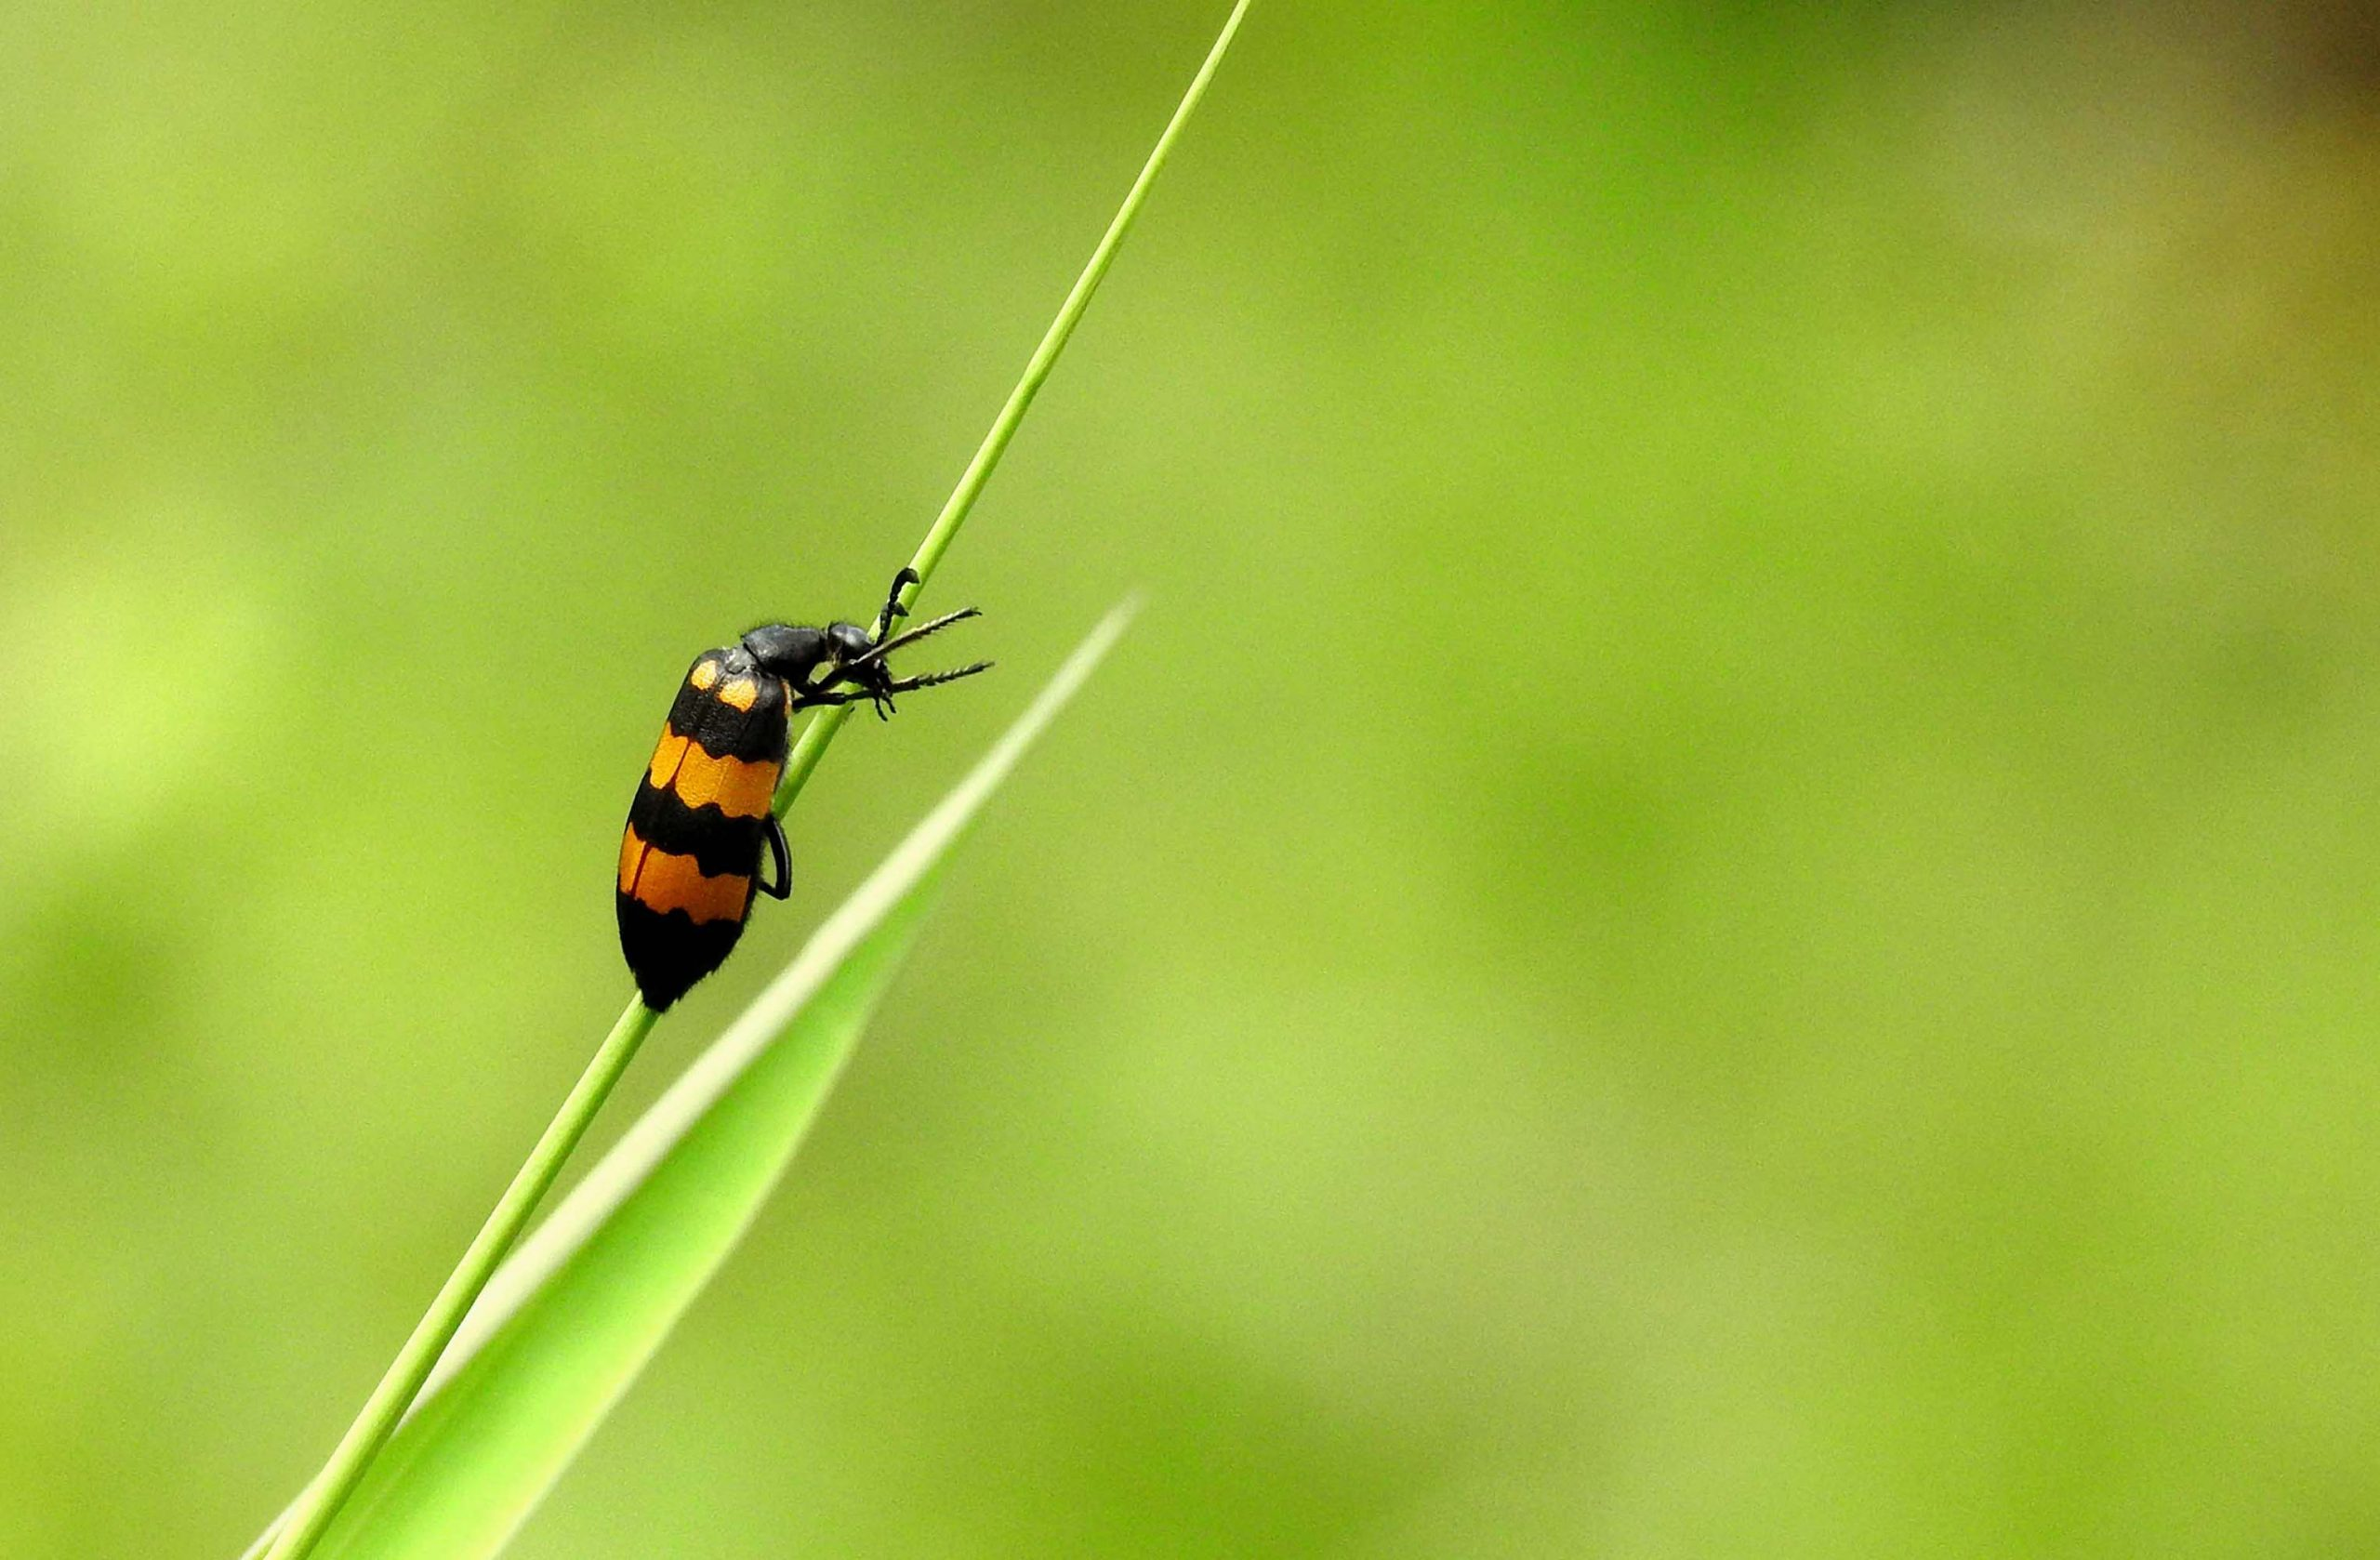 Beetle on leaf